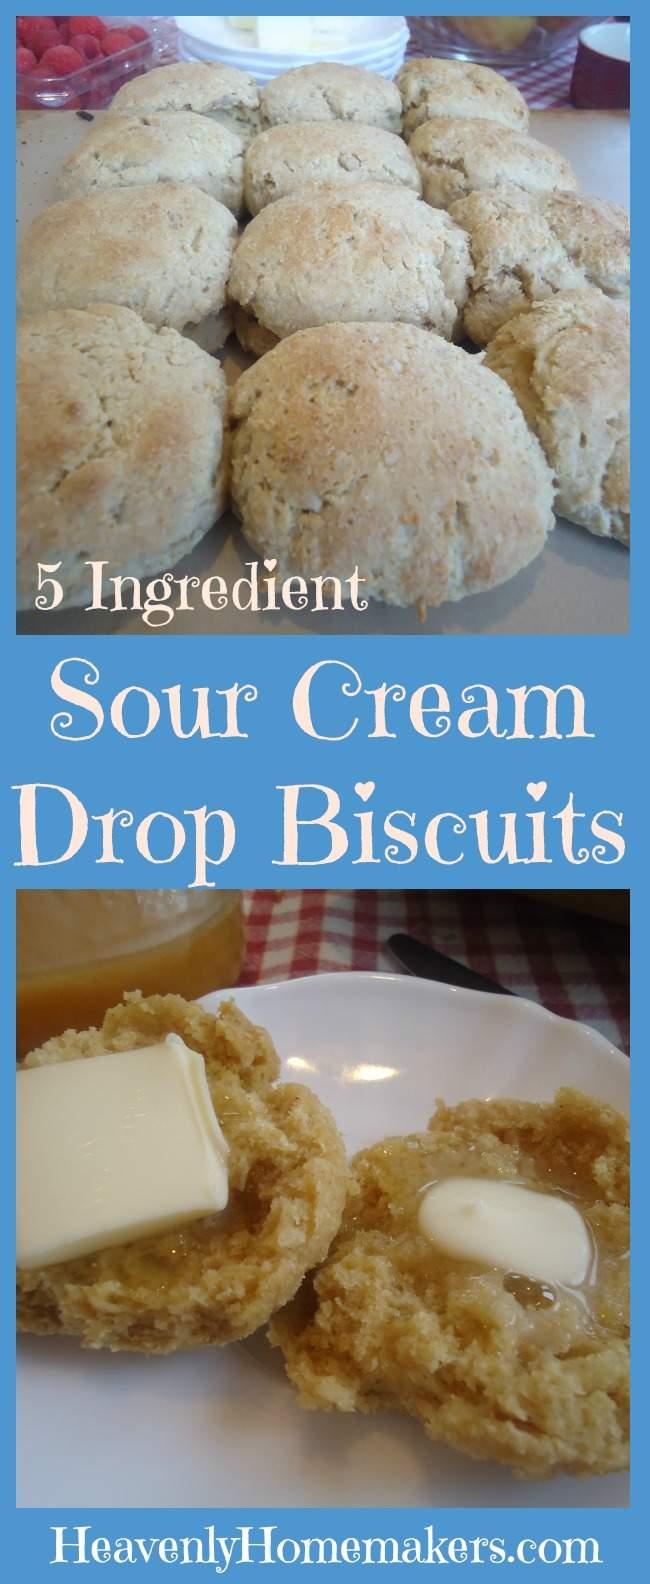 5 Ingredient Sour Cream Drop Biscuits